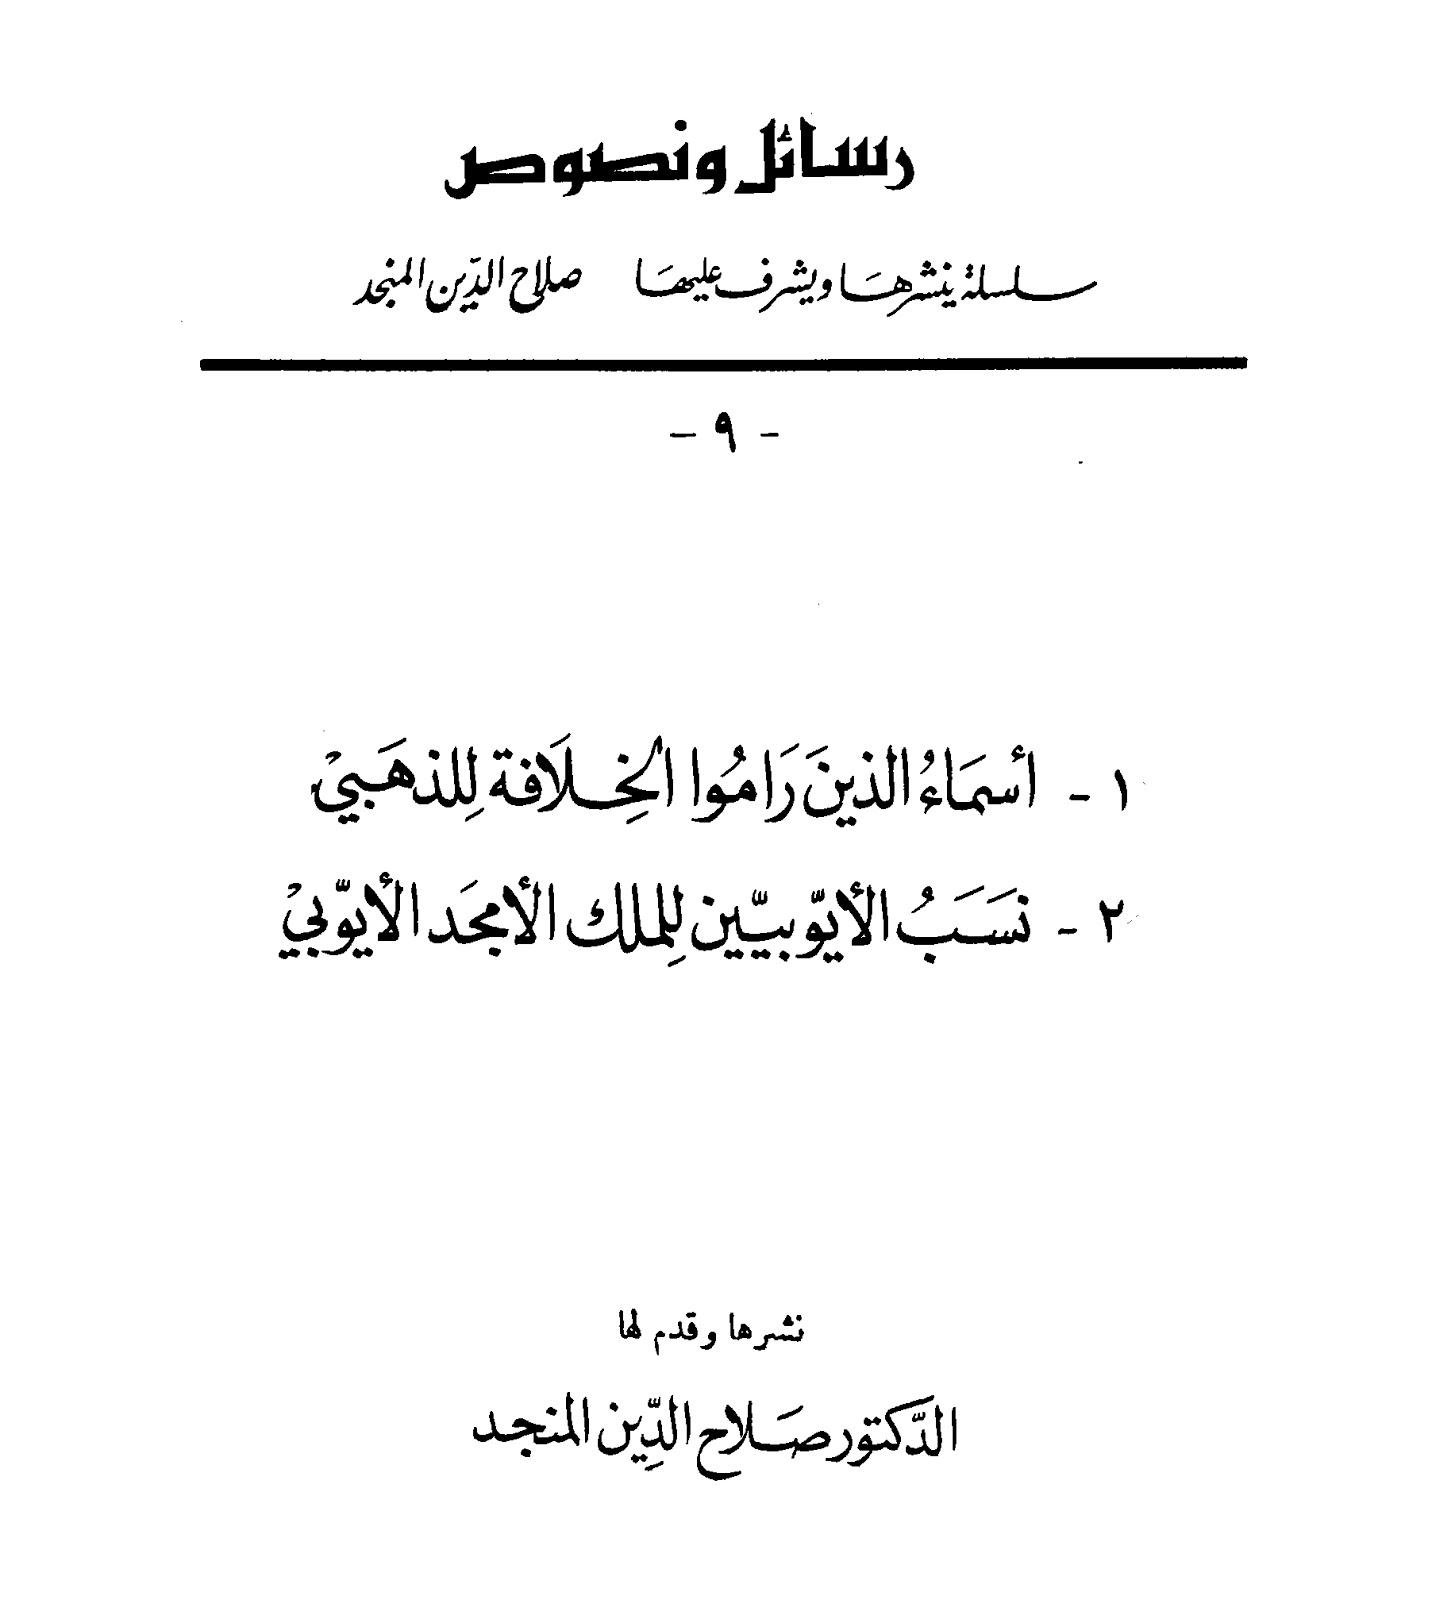 كتاب أسماء الذين راموا الخلافة للذهبي ومعه كتاب نسب الأيوبيين pdf